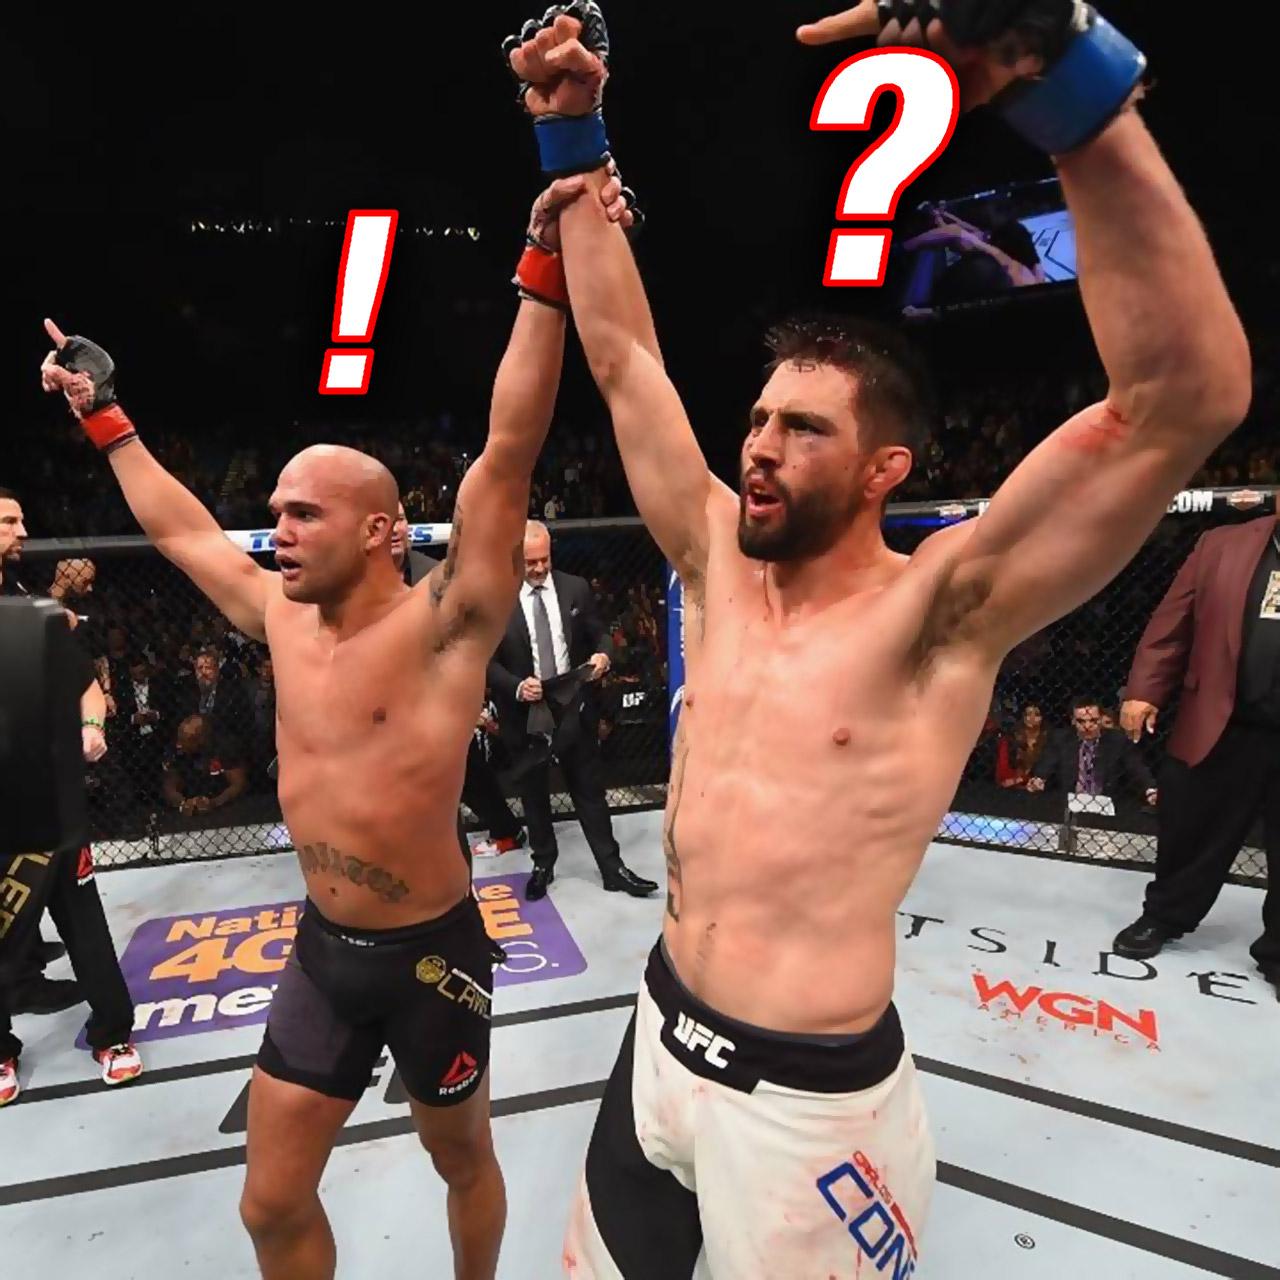 Robbie Lawler vs. Carlos Condit UFC 195 scoring controversy